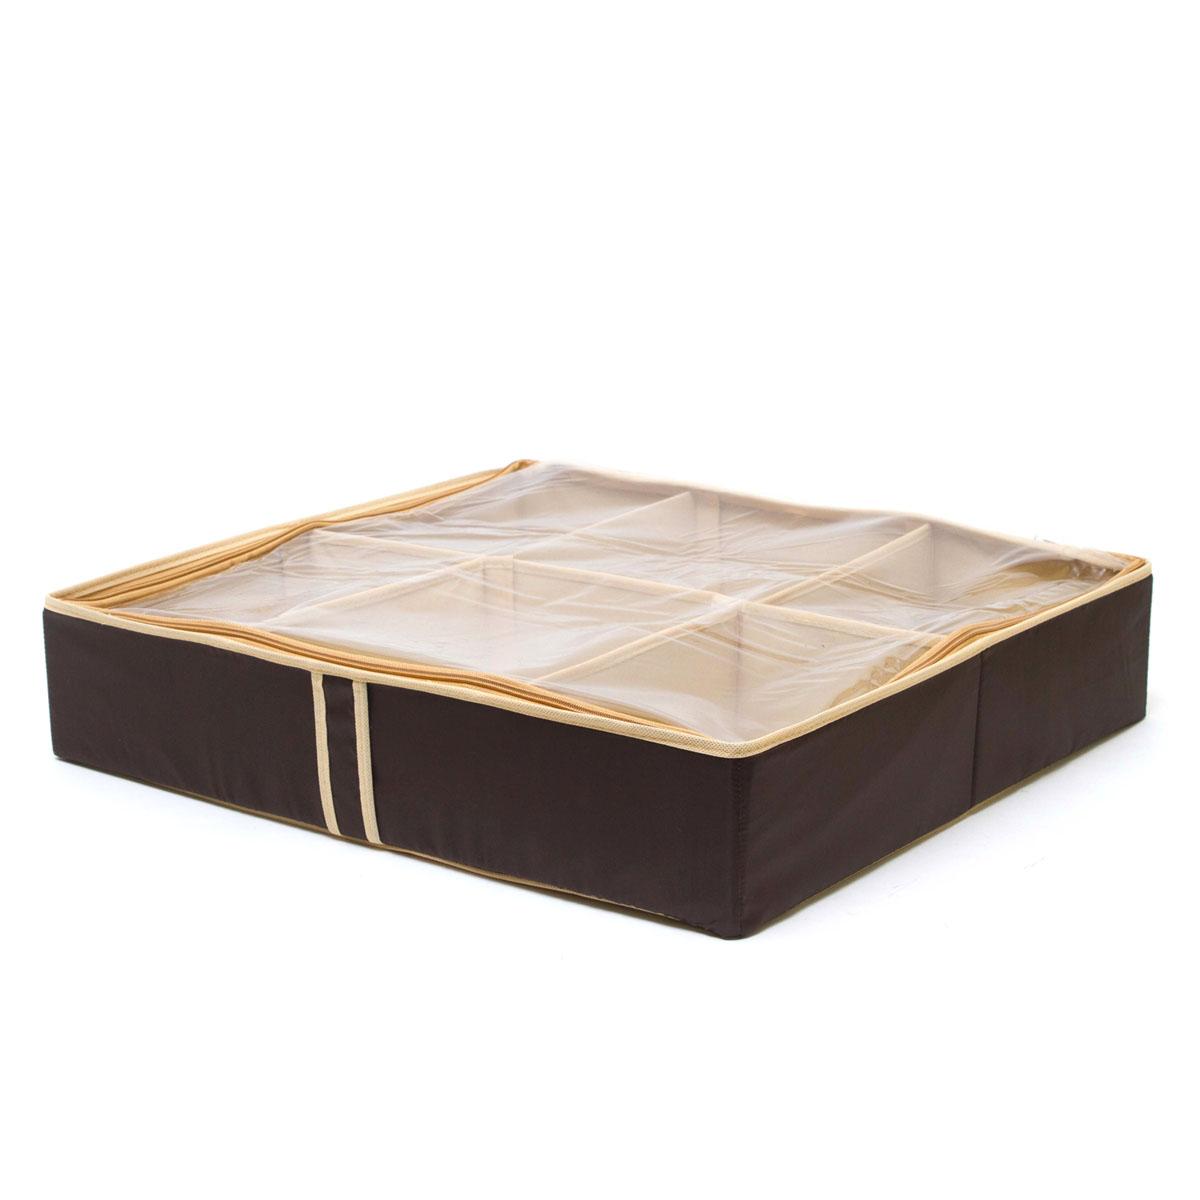 Органайзер для хранения обуви Homsu Costa-Rica, 6 секций, 56 х 52 х 12 смFS-6196-C02Компактный складной органайзер Homsu Costa-Rica изготовлен из высококачественного полиэстера, который обеспечивает естественную вентиляцию. Материал позволяет воздуху свободно проникать внутрь, но не пропускает пыль. Органайзер отлично держит форму, благодаря вставкам из плотного картона. Изделие имеет 6 секций для хранения обуви.Такой органайзер позволит вам хранить вещи компактно и удобно. Размер секции: 10 х 7 см.